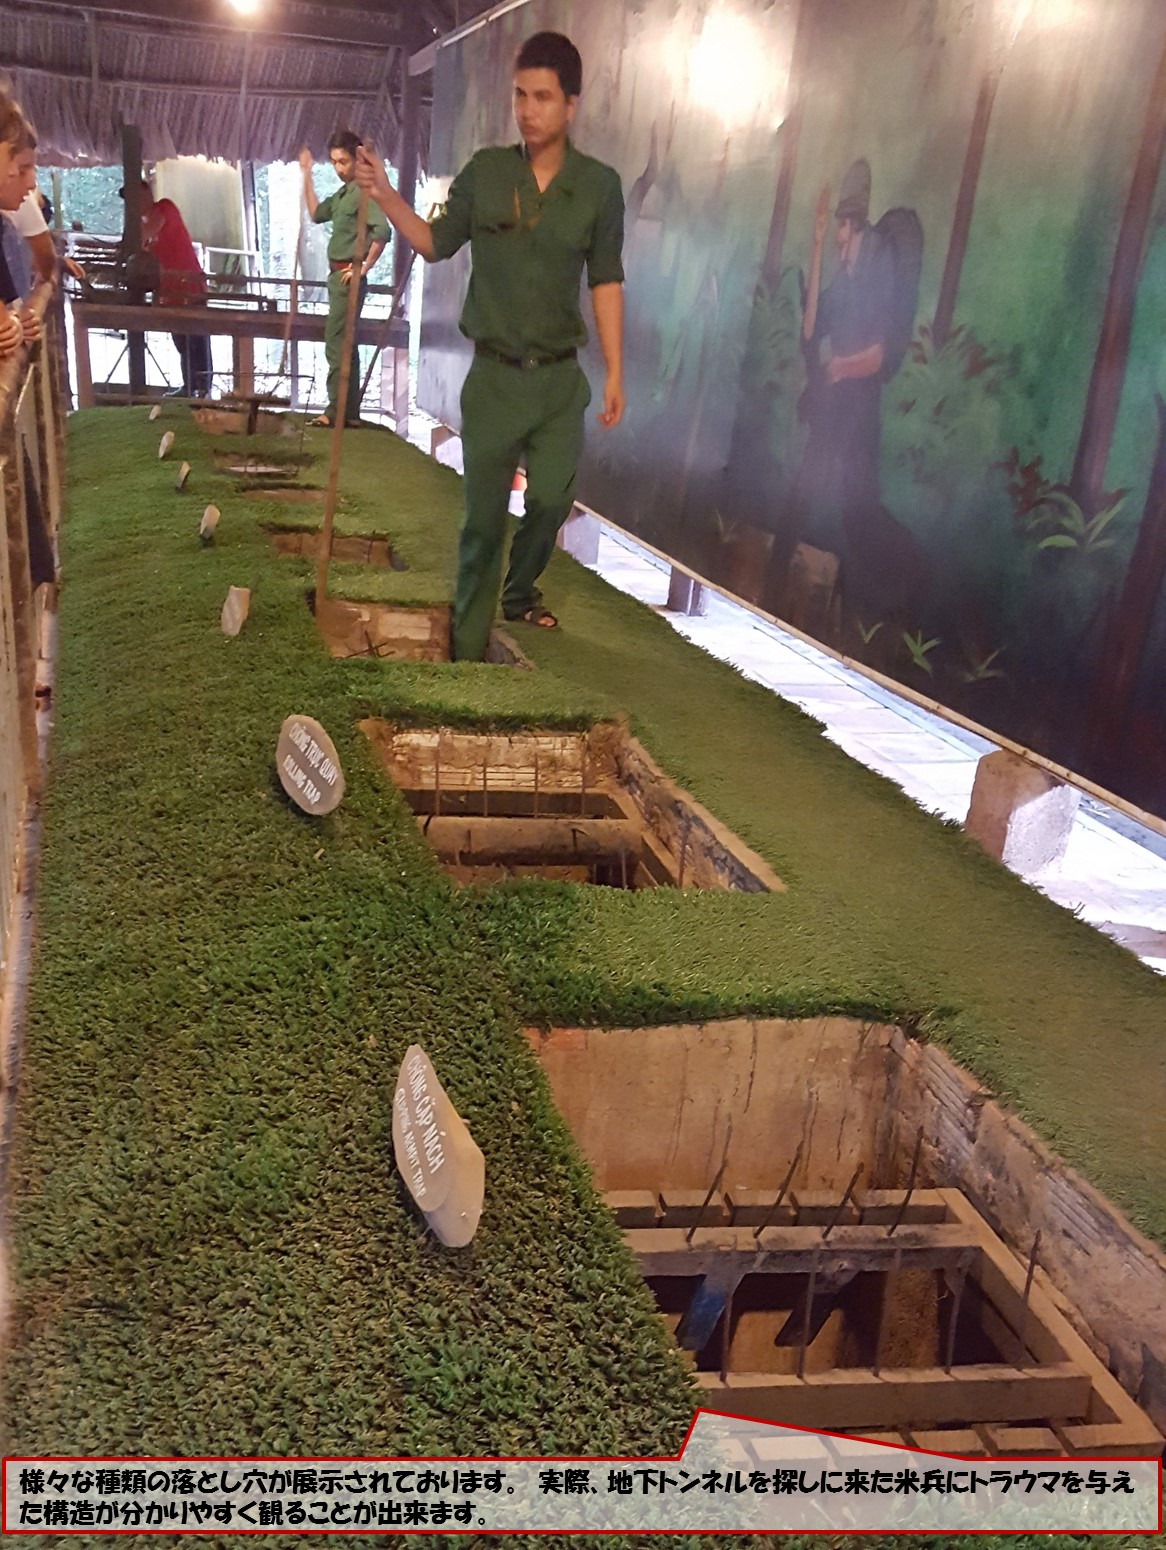 様々な種類の落とし穴が展示されております。 実際、地下トンネルを探しに来た米兵にトラウマを与えた構造が分かりやすく観ることが出来ます。